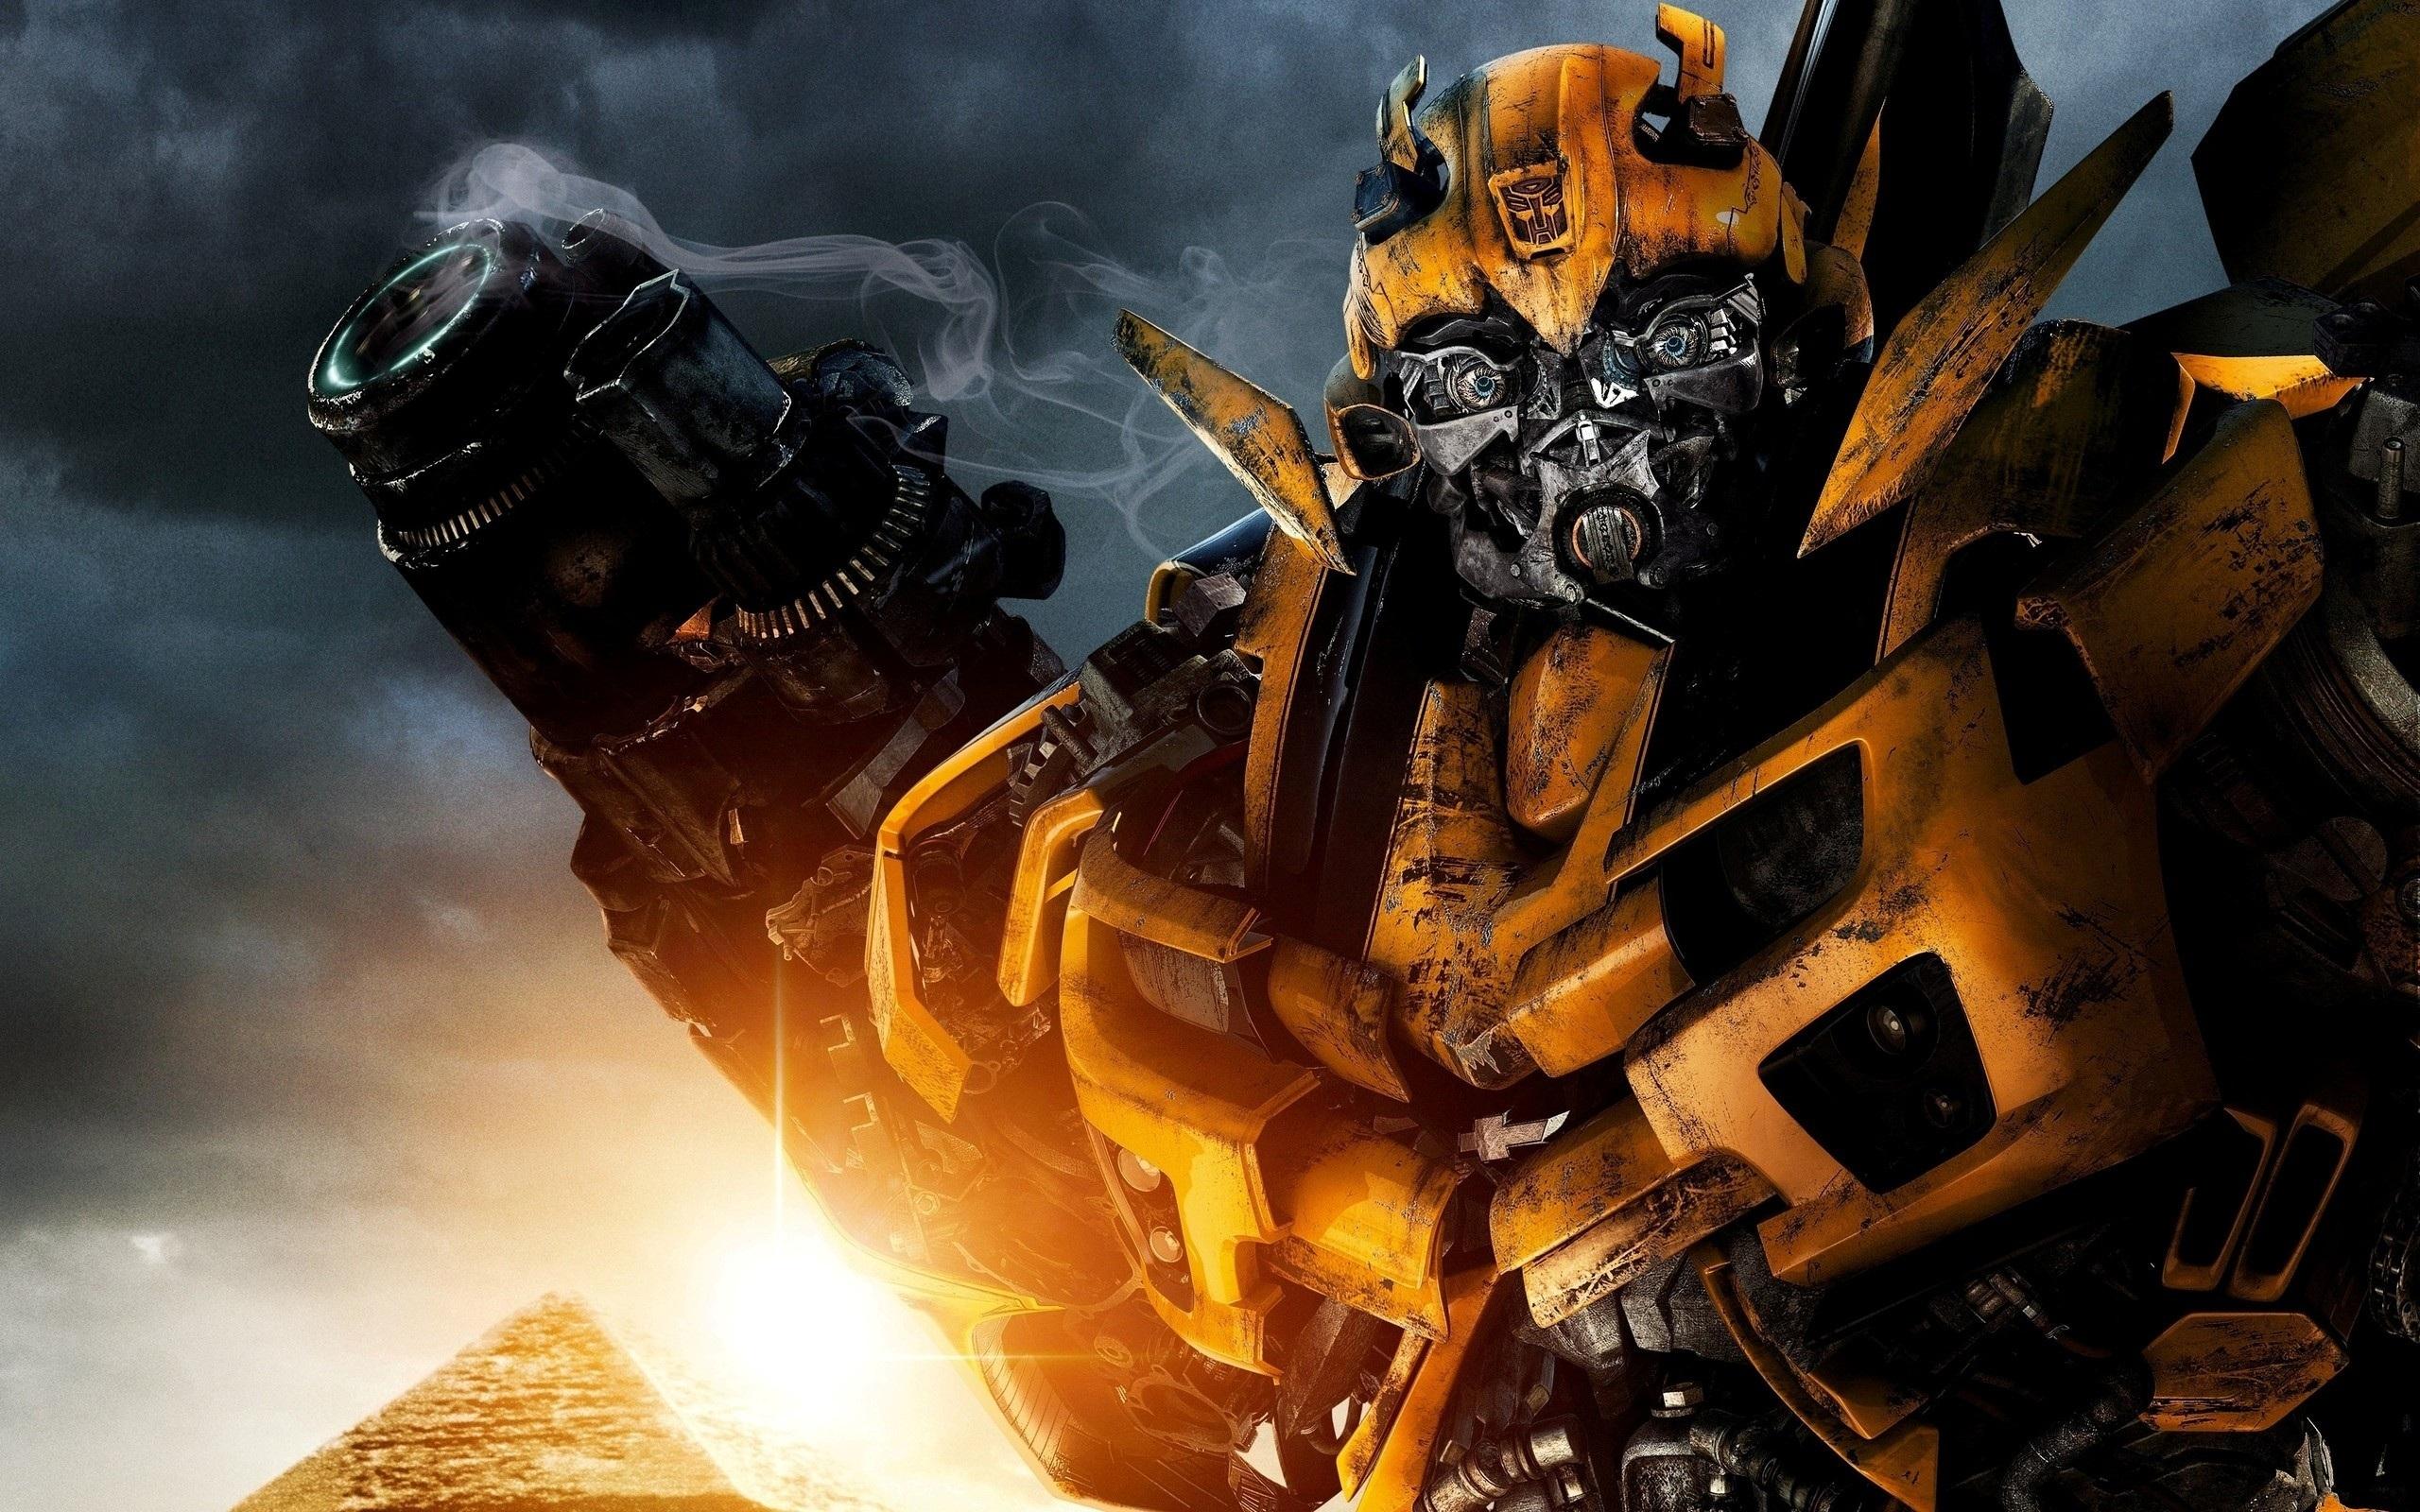 Transformers Prime Wallpapers for Computer  WallpaperSafari